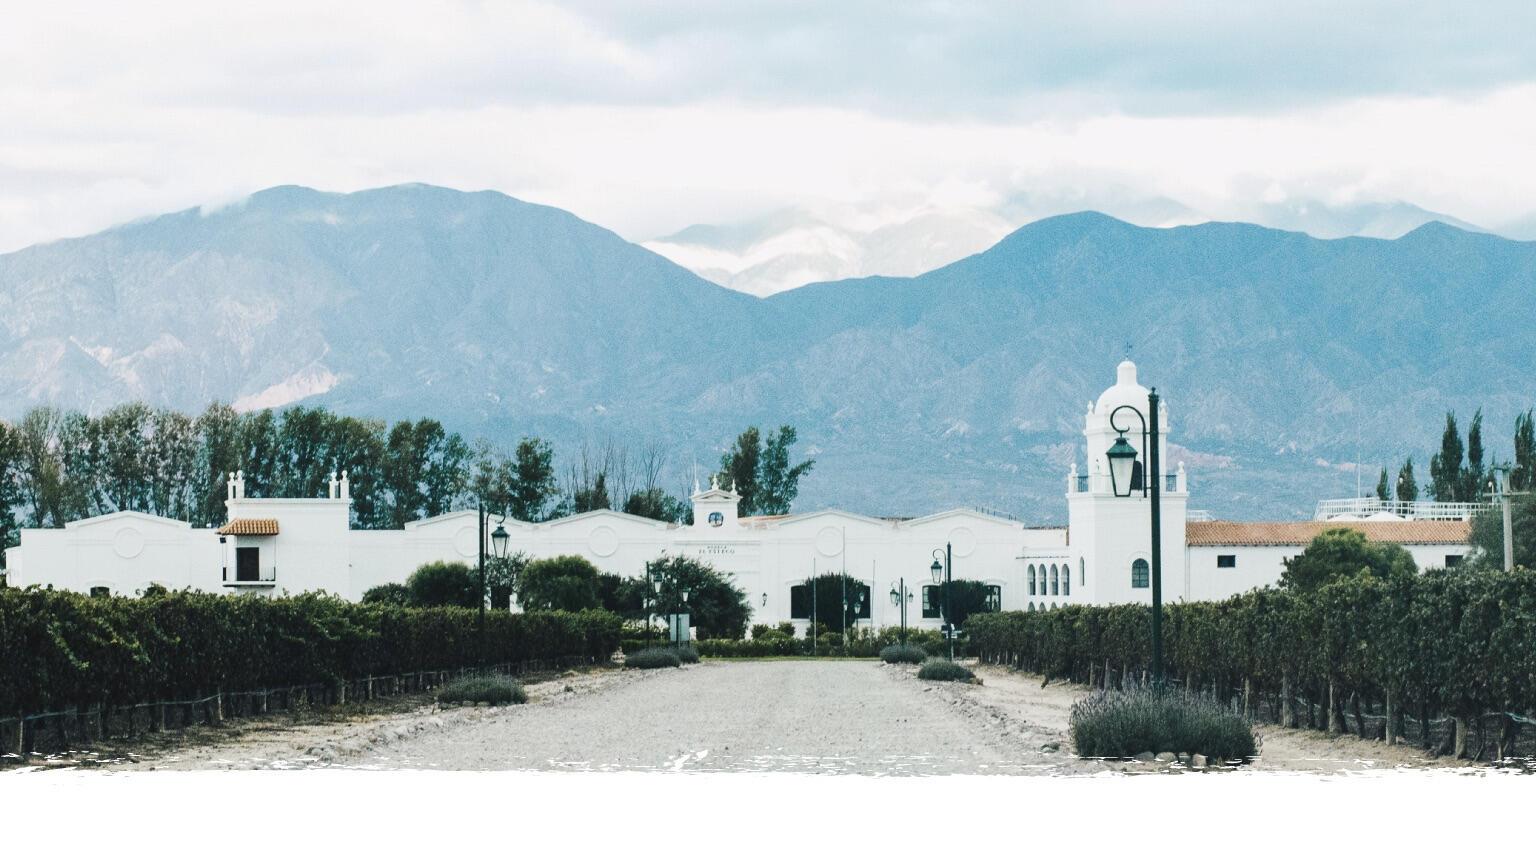 El Esteco Cover Image